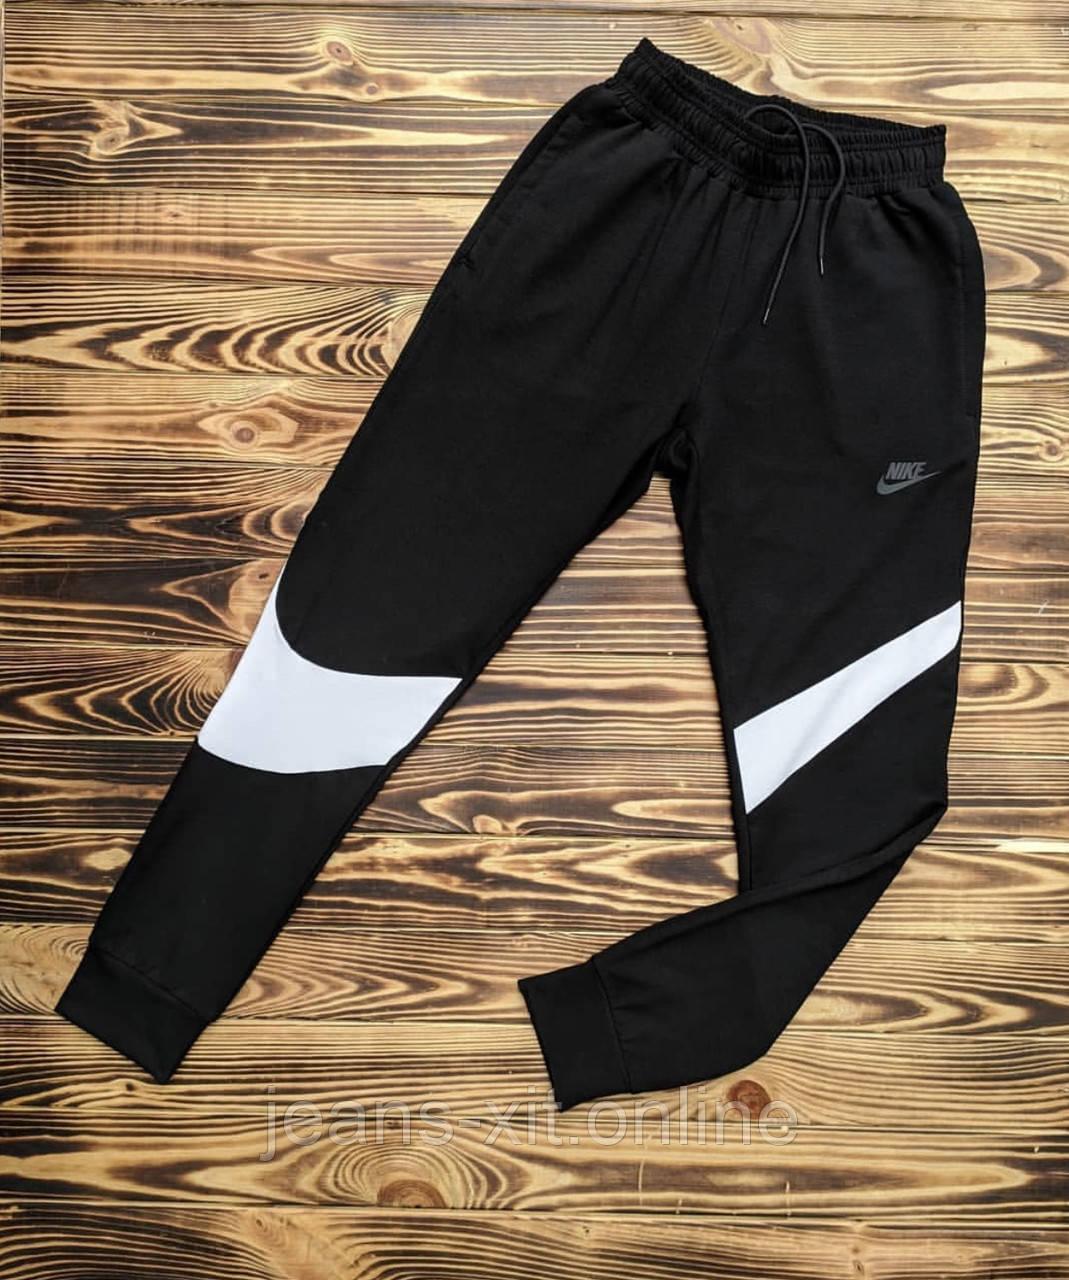 Брюки мужские L(р) черные 103-1-20 Nike Турция Весна-C